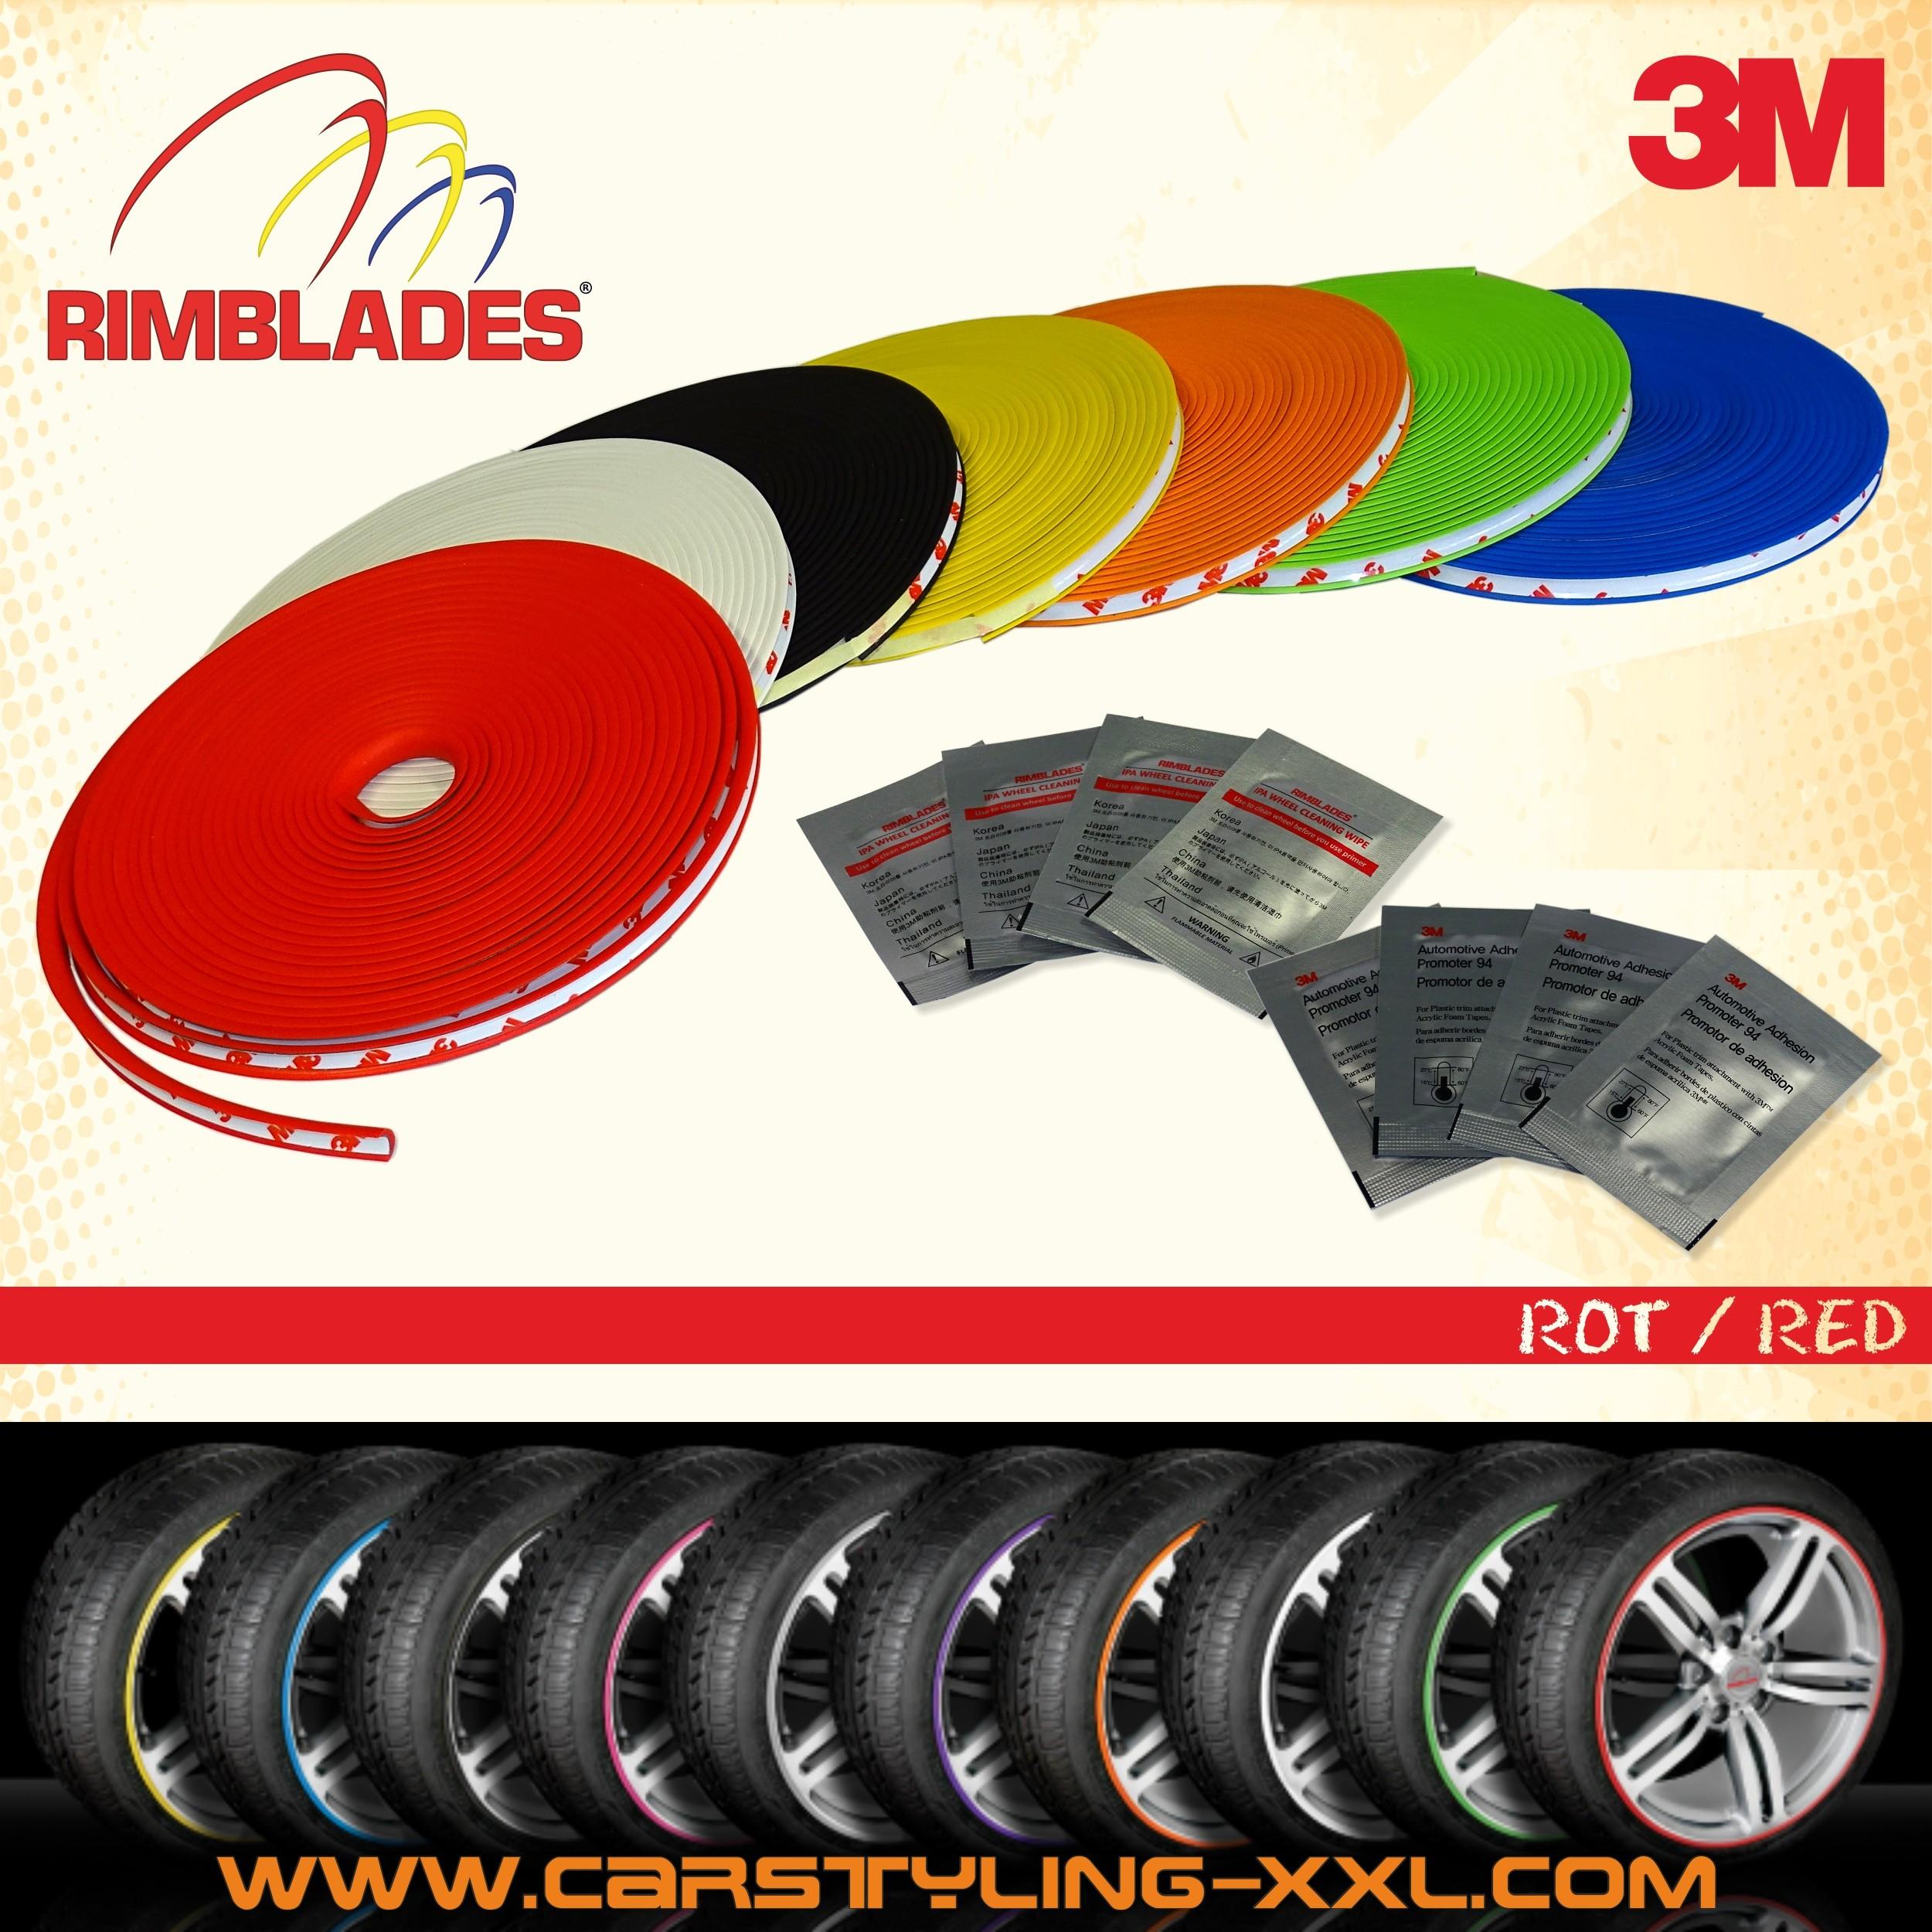 Rimblades mit 3M Kleber - Farbe: rot - Premium Felgenschutz und Styling für Alufelgen bis 22''